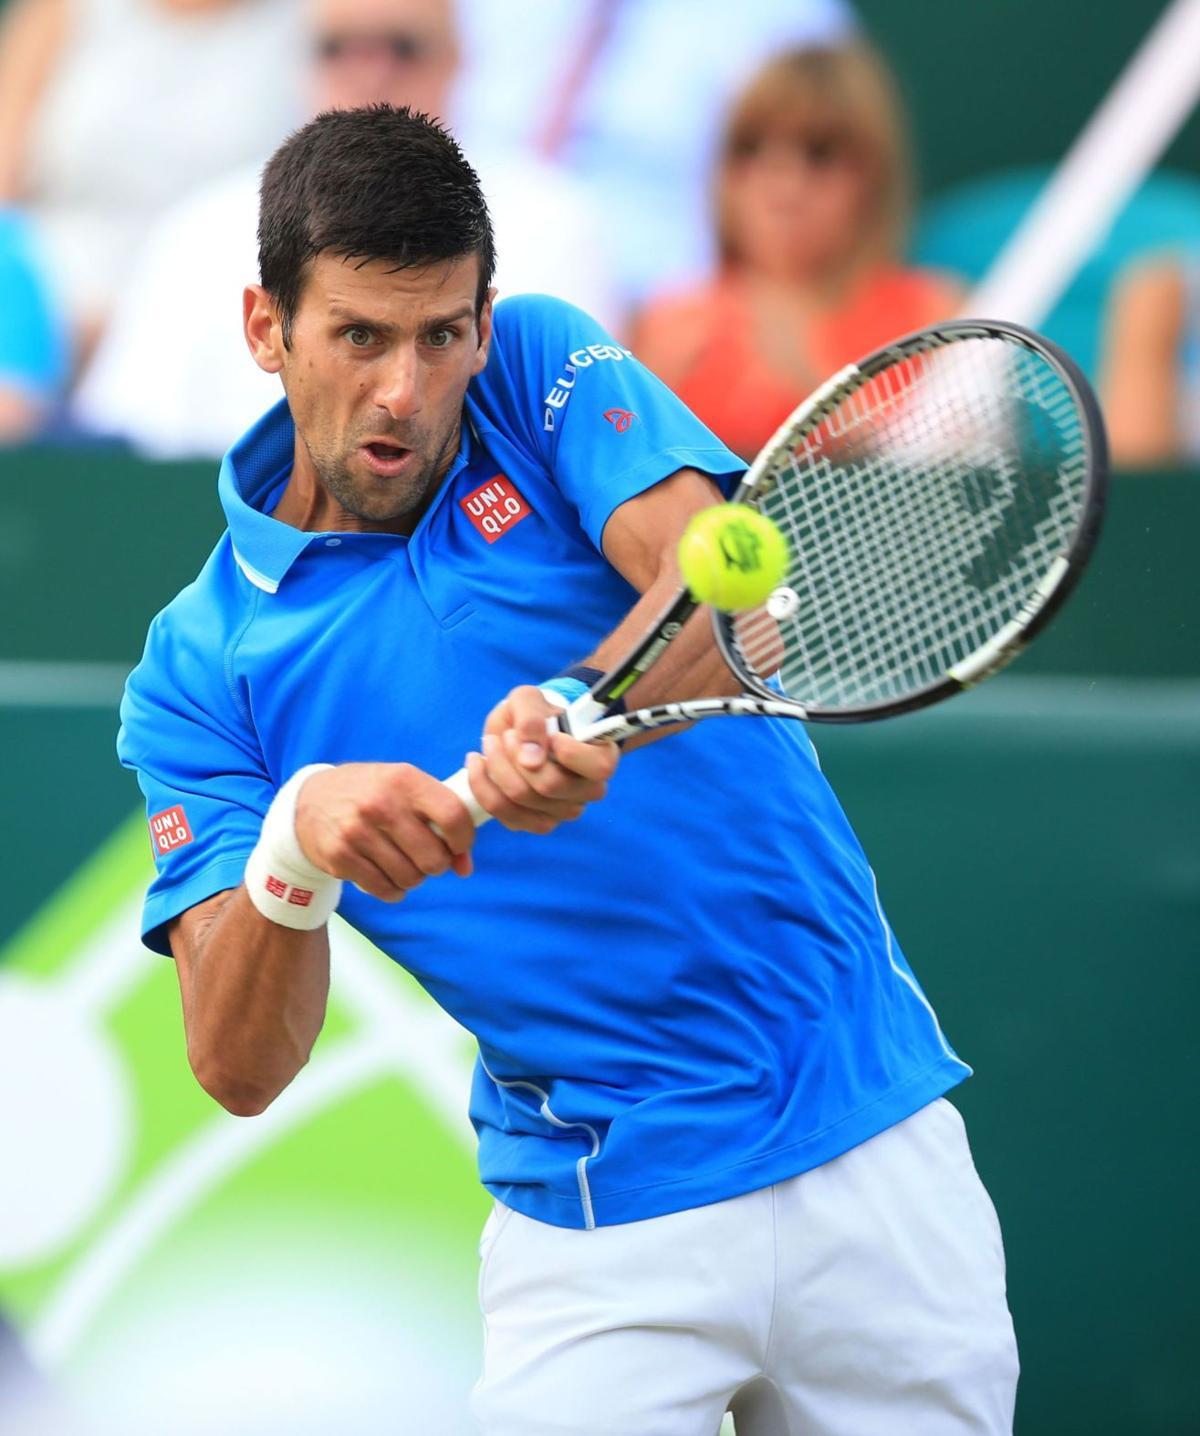 Top seed Djokovic focused